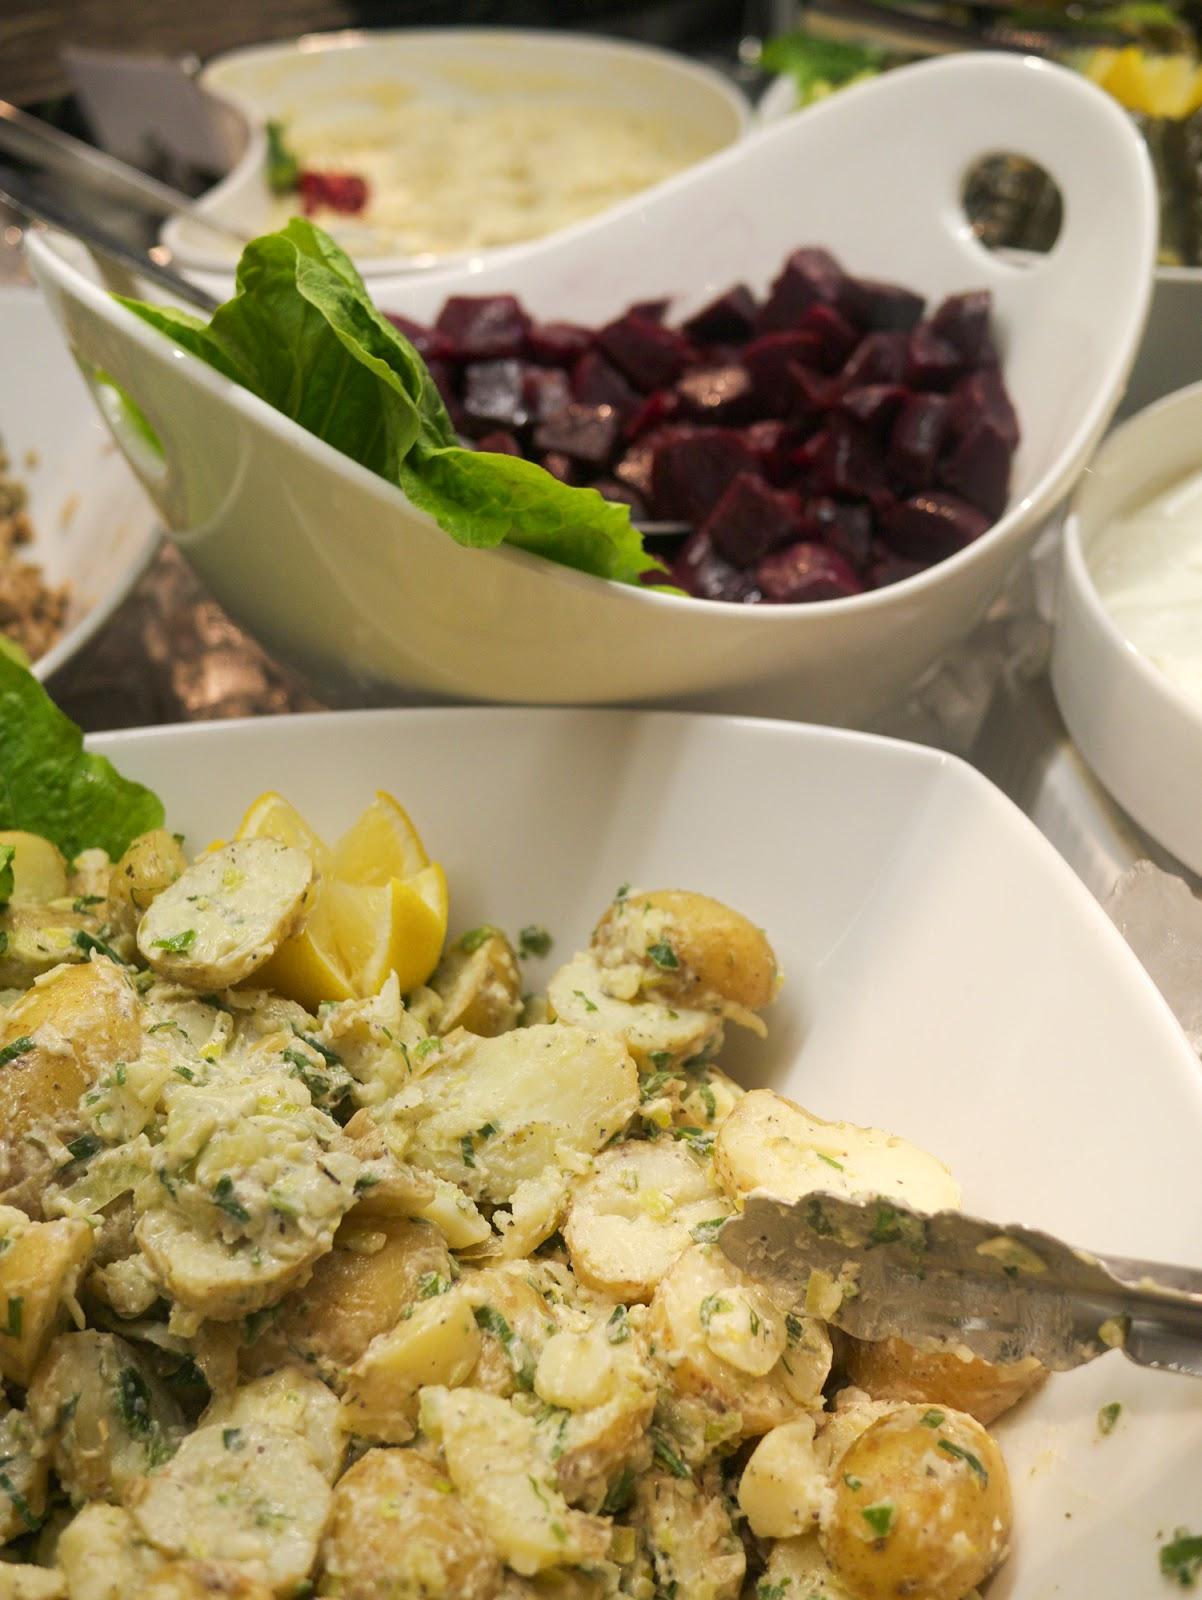 Rodizio Lebanon restaurant Fulham potato salad